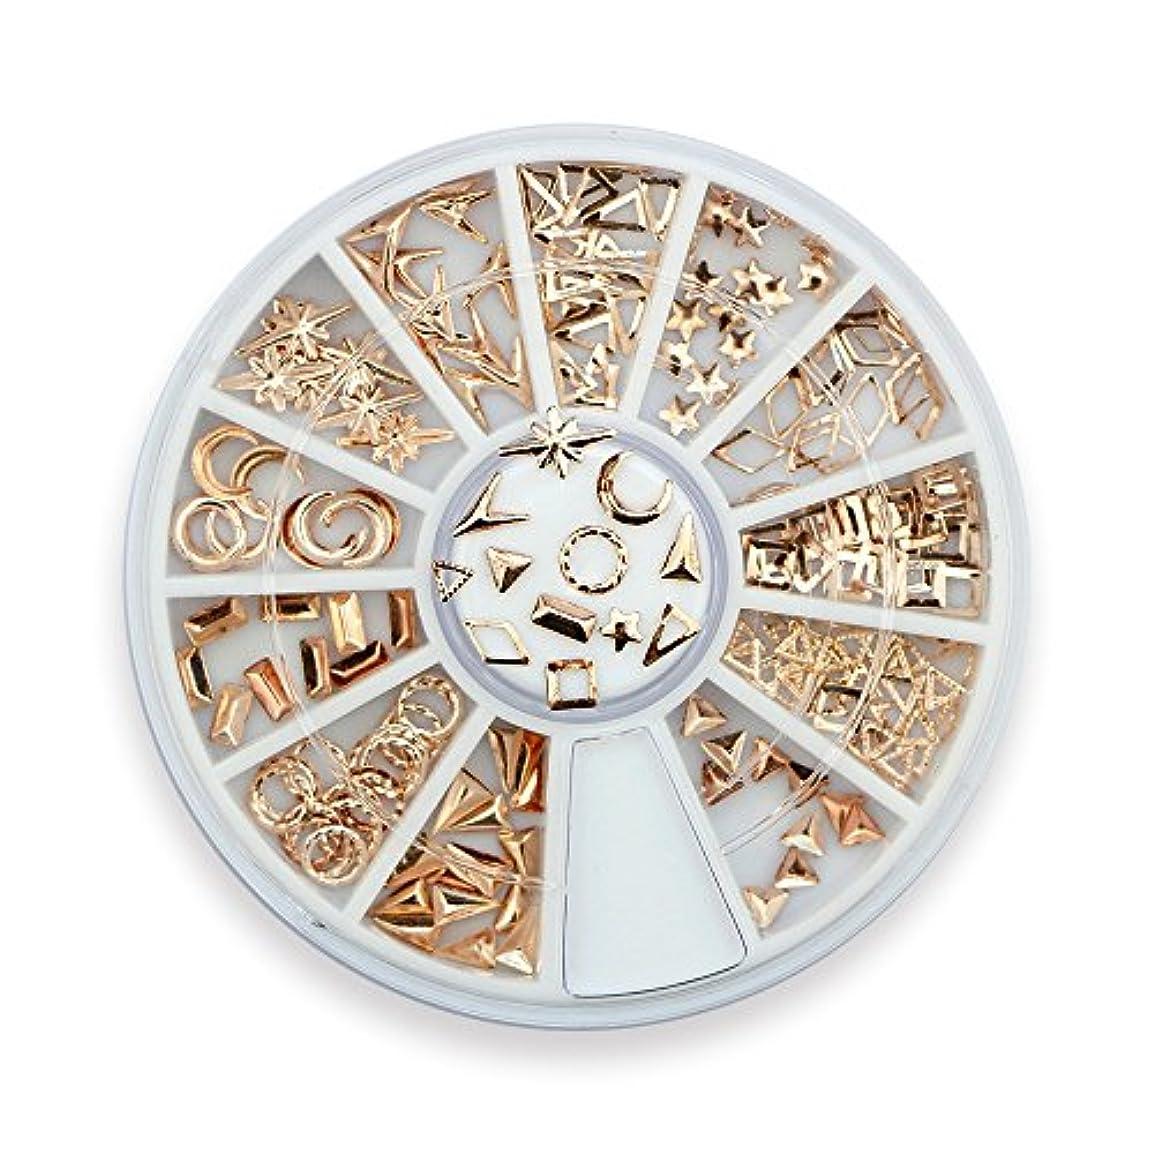 好む放棄された底Takarafune ネイルアート ネイル パーツ ローズゴールド メタルスタッズ セットビジュー ジェルネイル 3Dネイルデコレーション 12種類